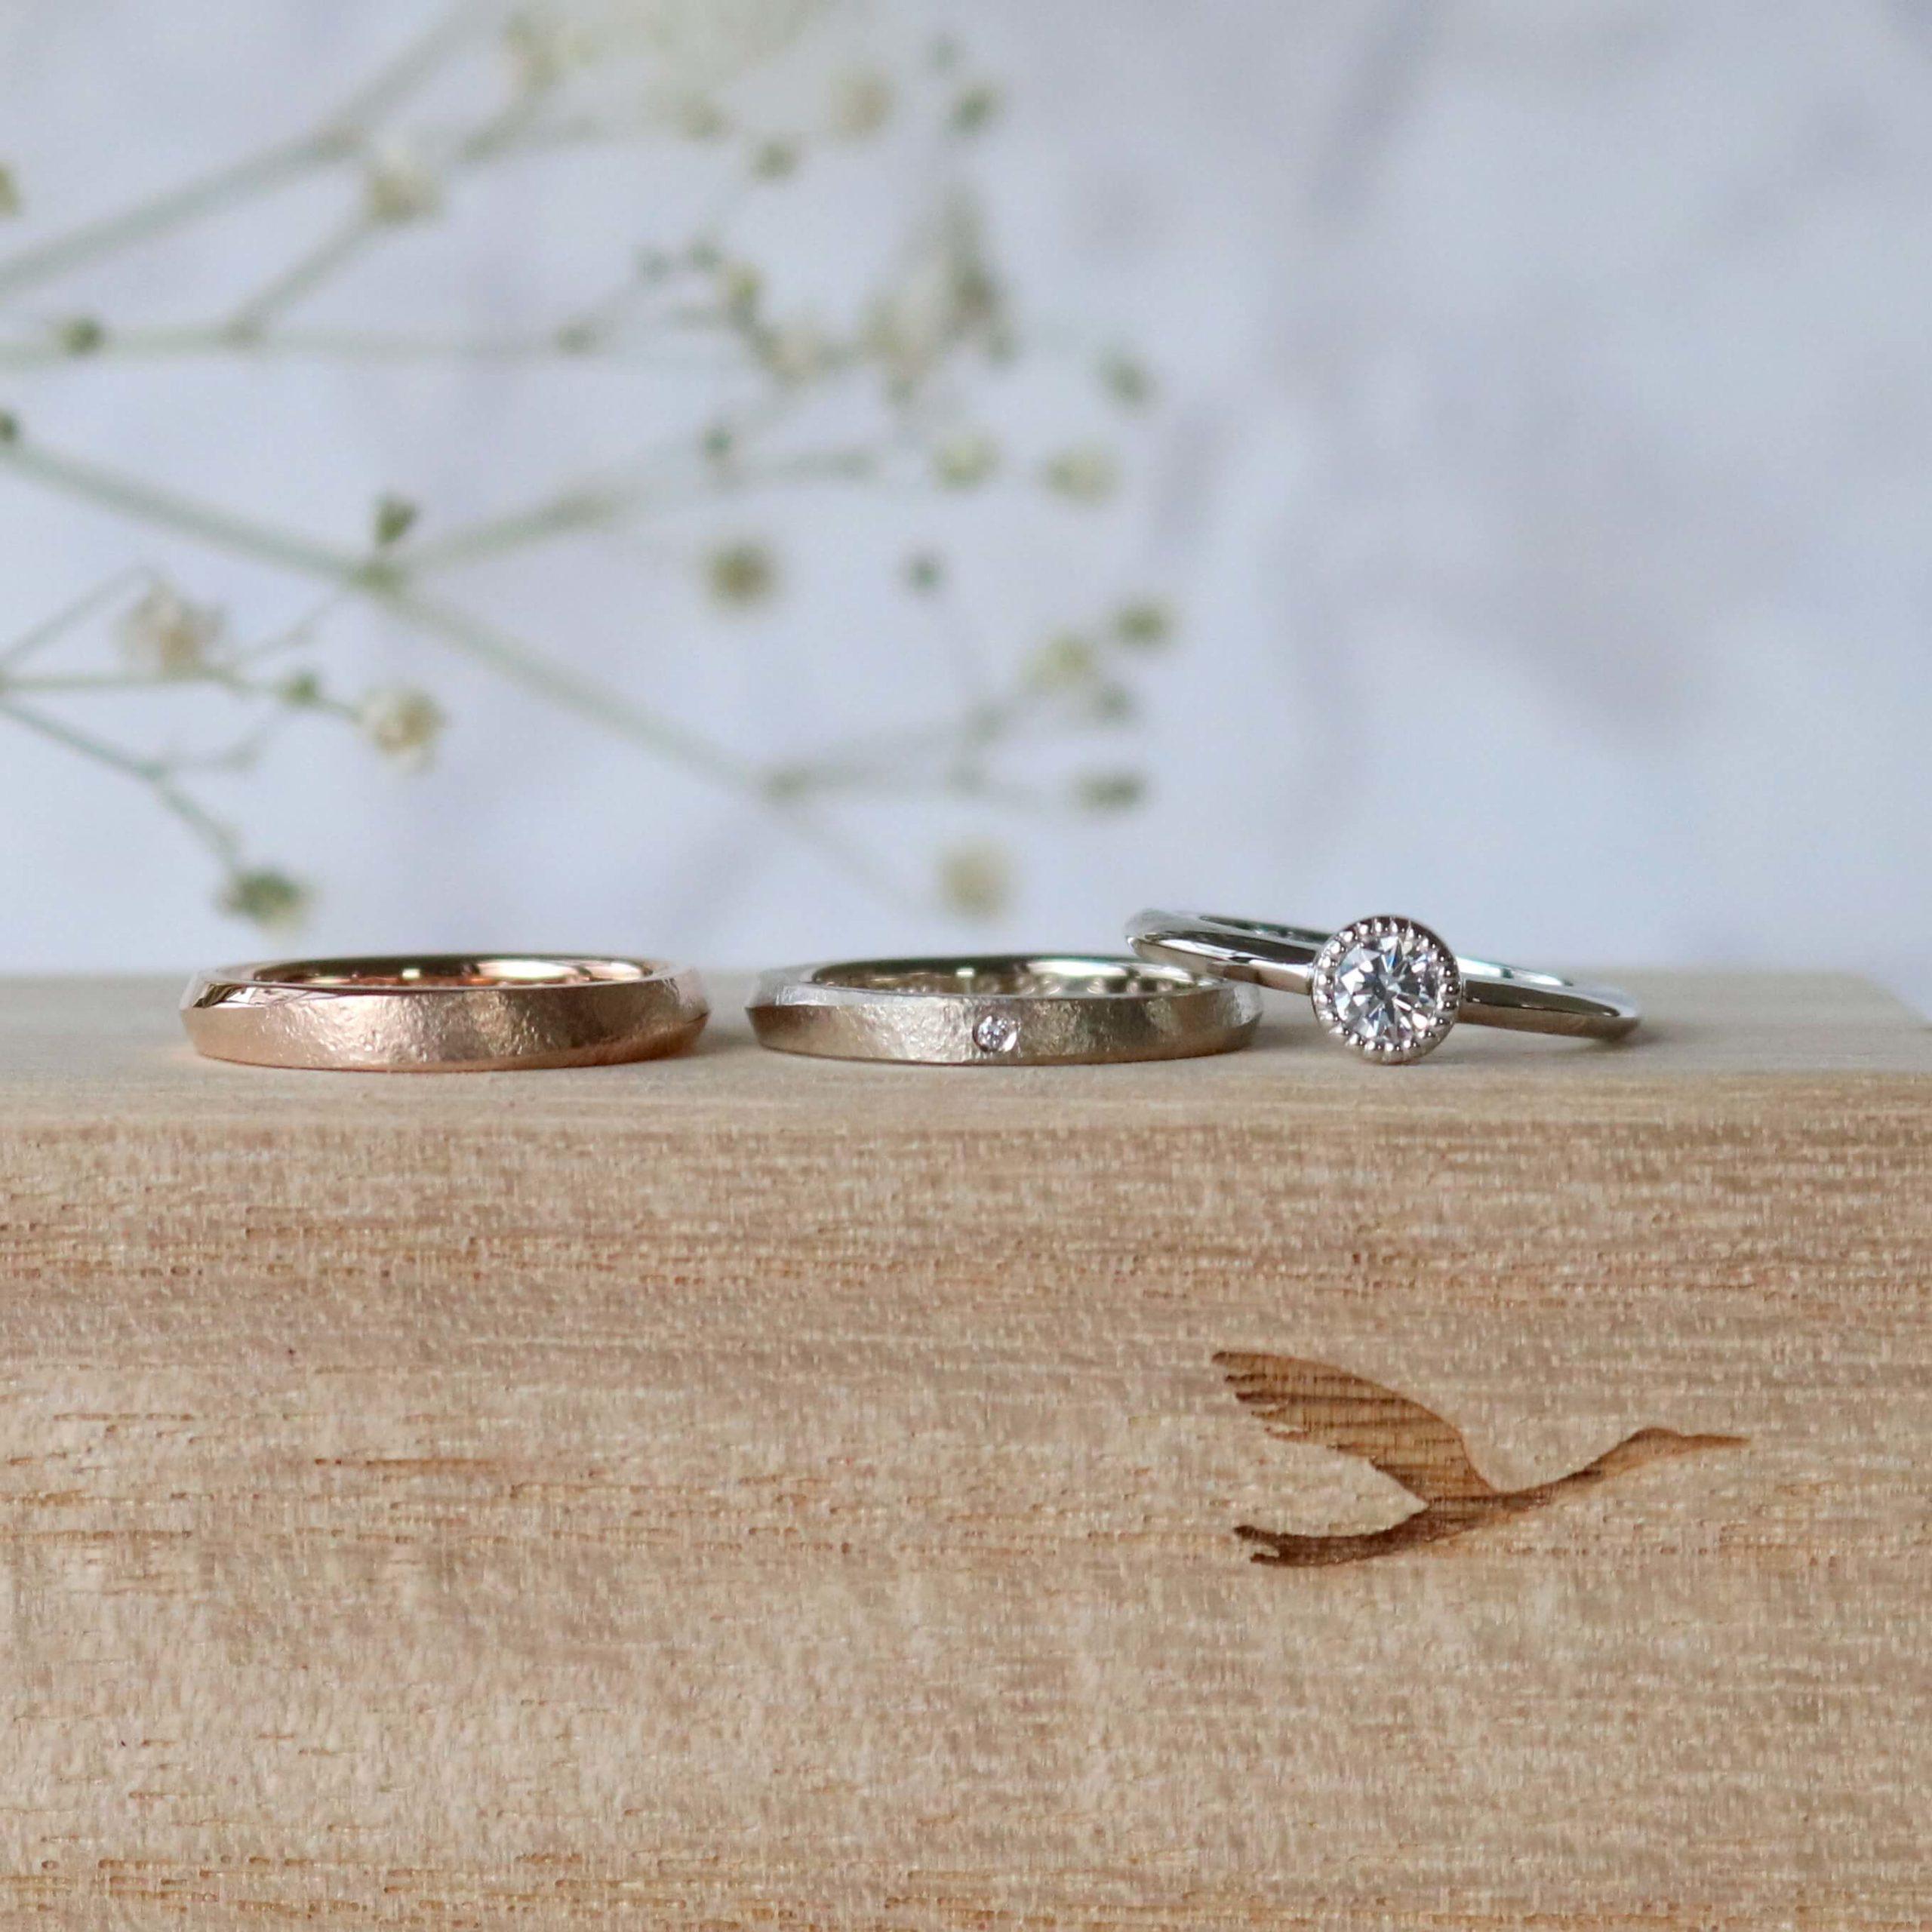 アンティークな印象の婚約指輪と、お揃いにこだわった結婚指輪